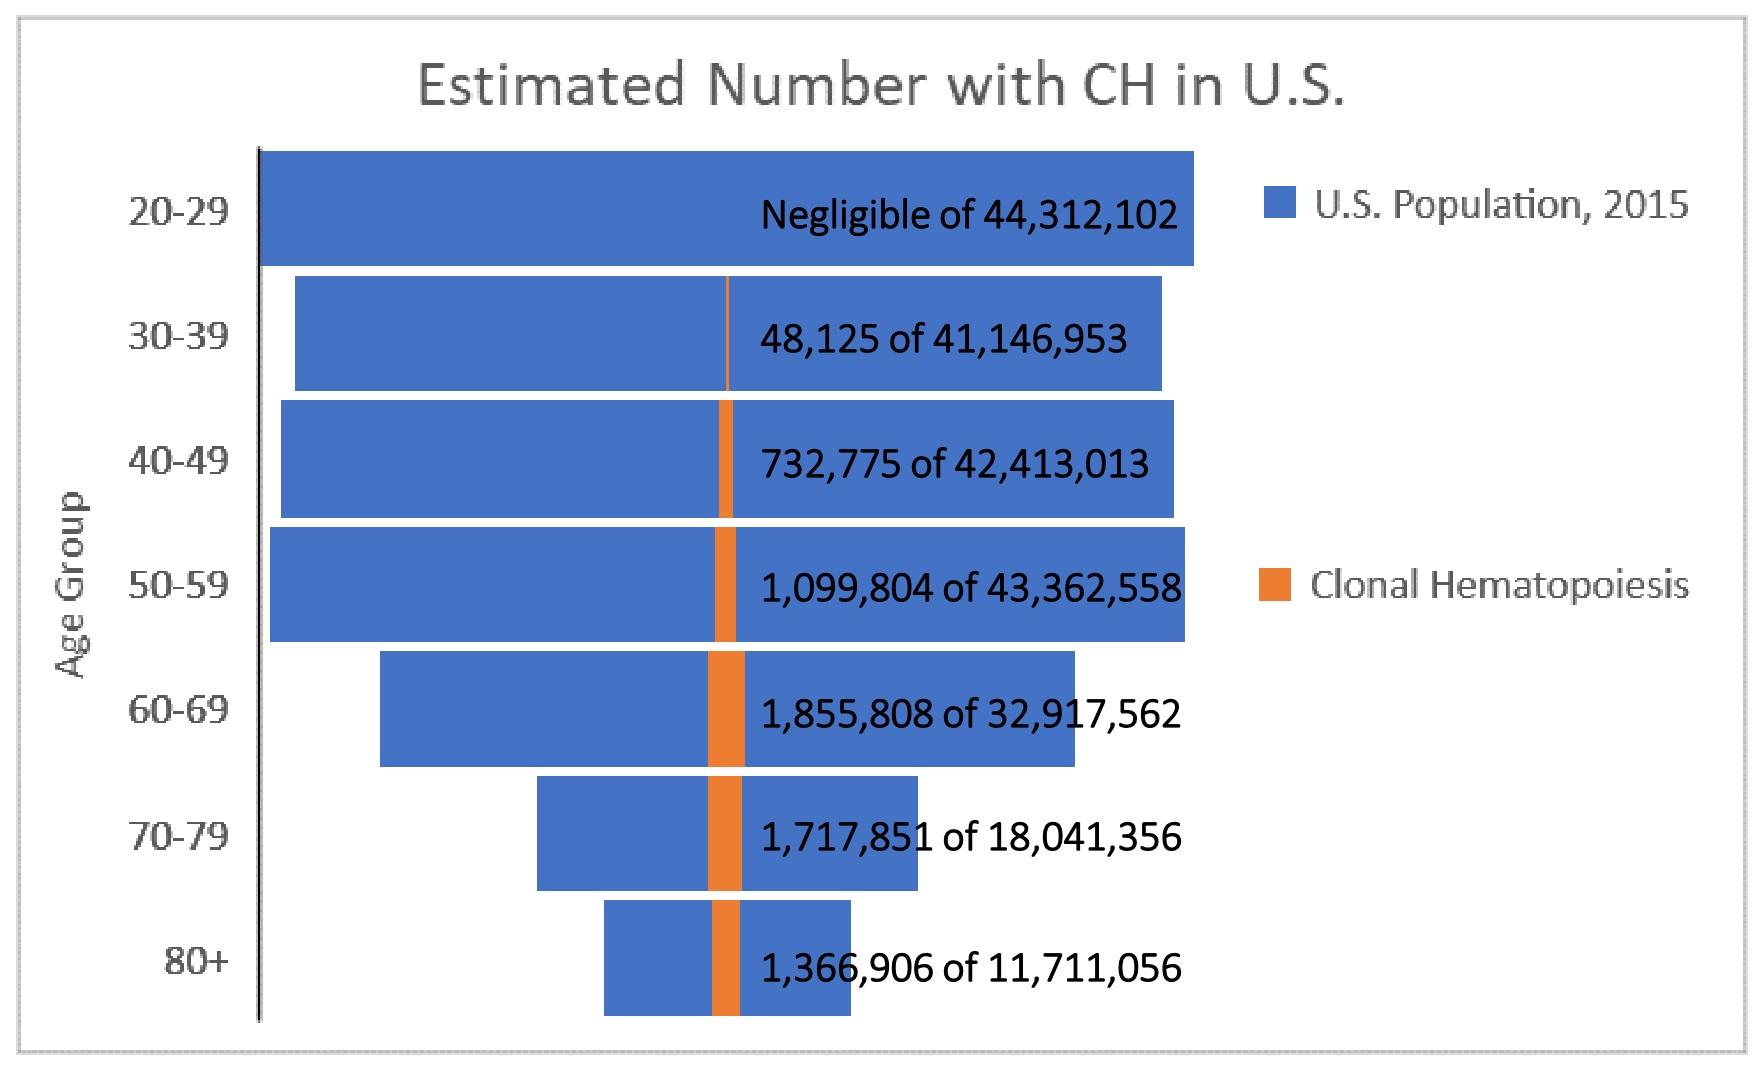 Cholesterol Level Chart: Clonal hematopoiesis - Wikipedia,Chart